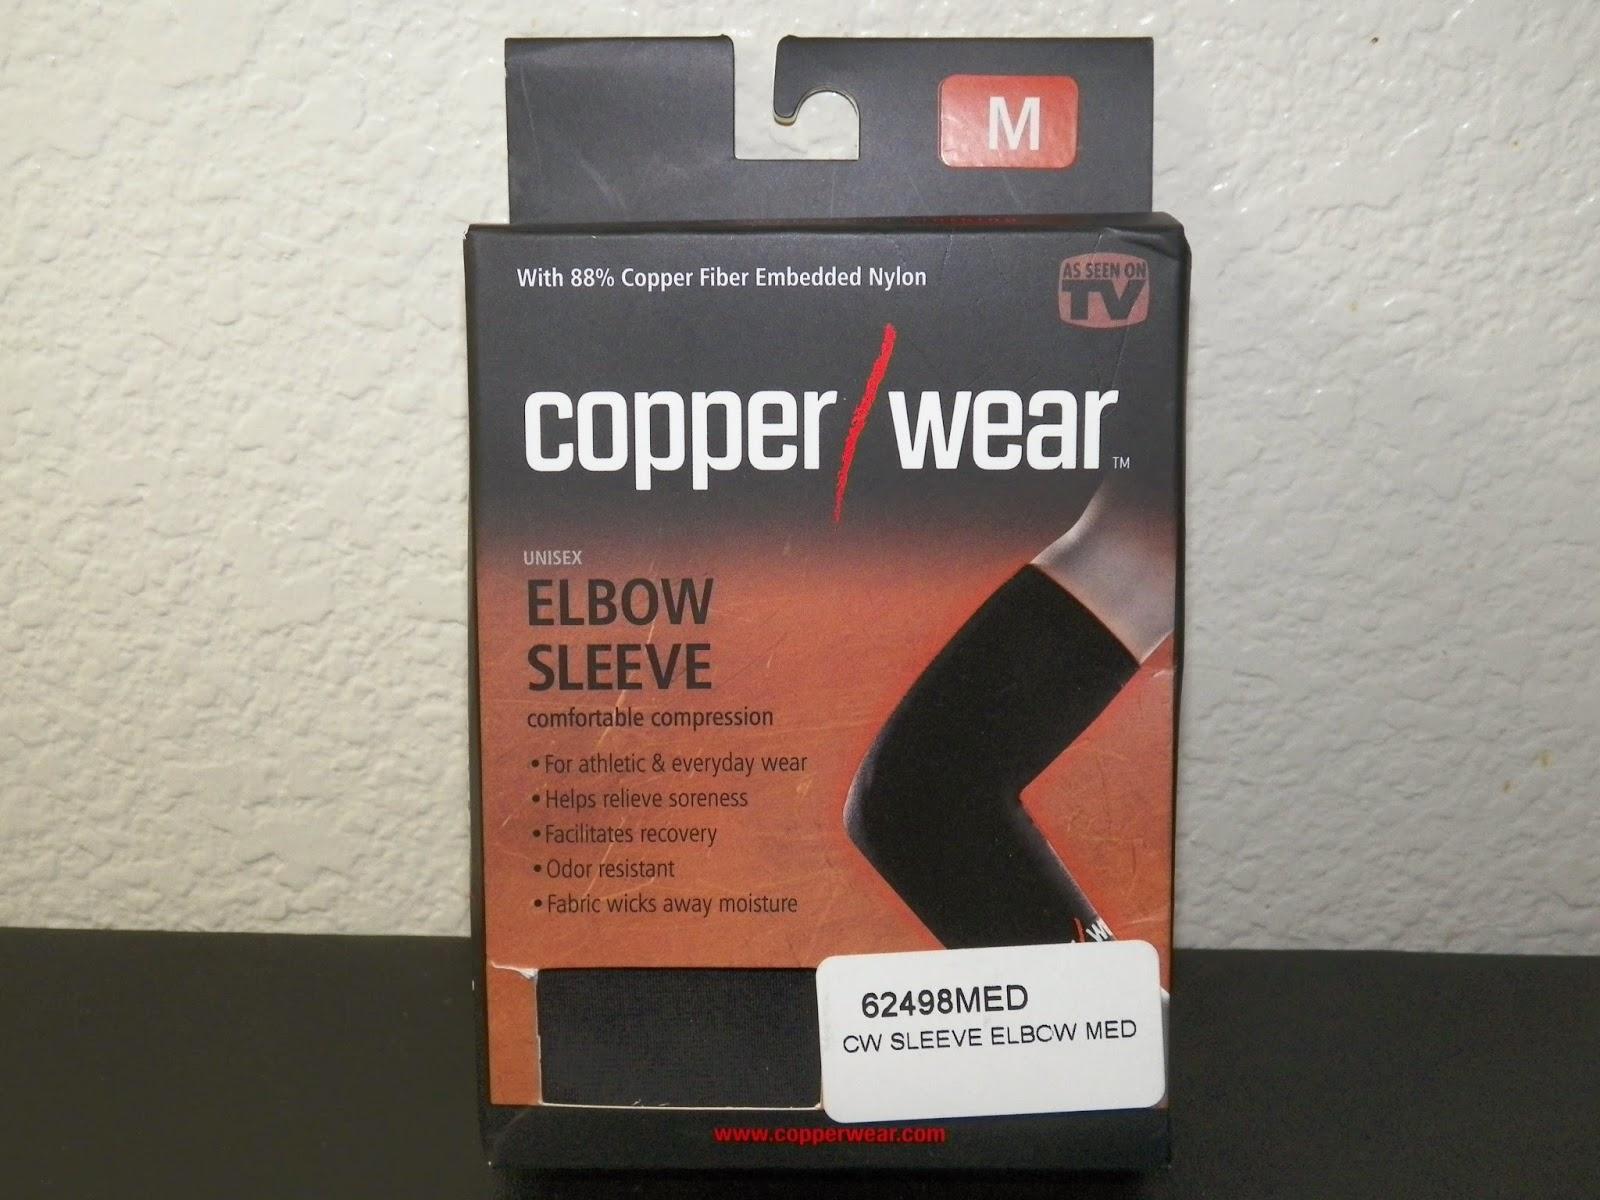 CopperWearElbowSleeve.jpg